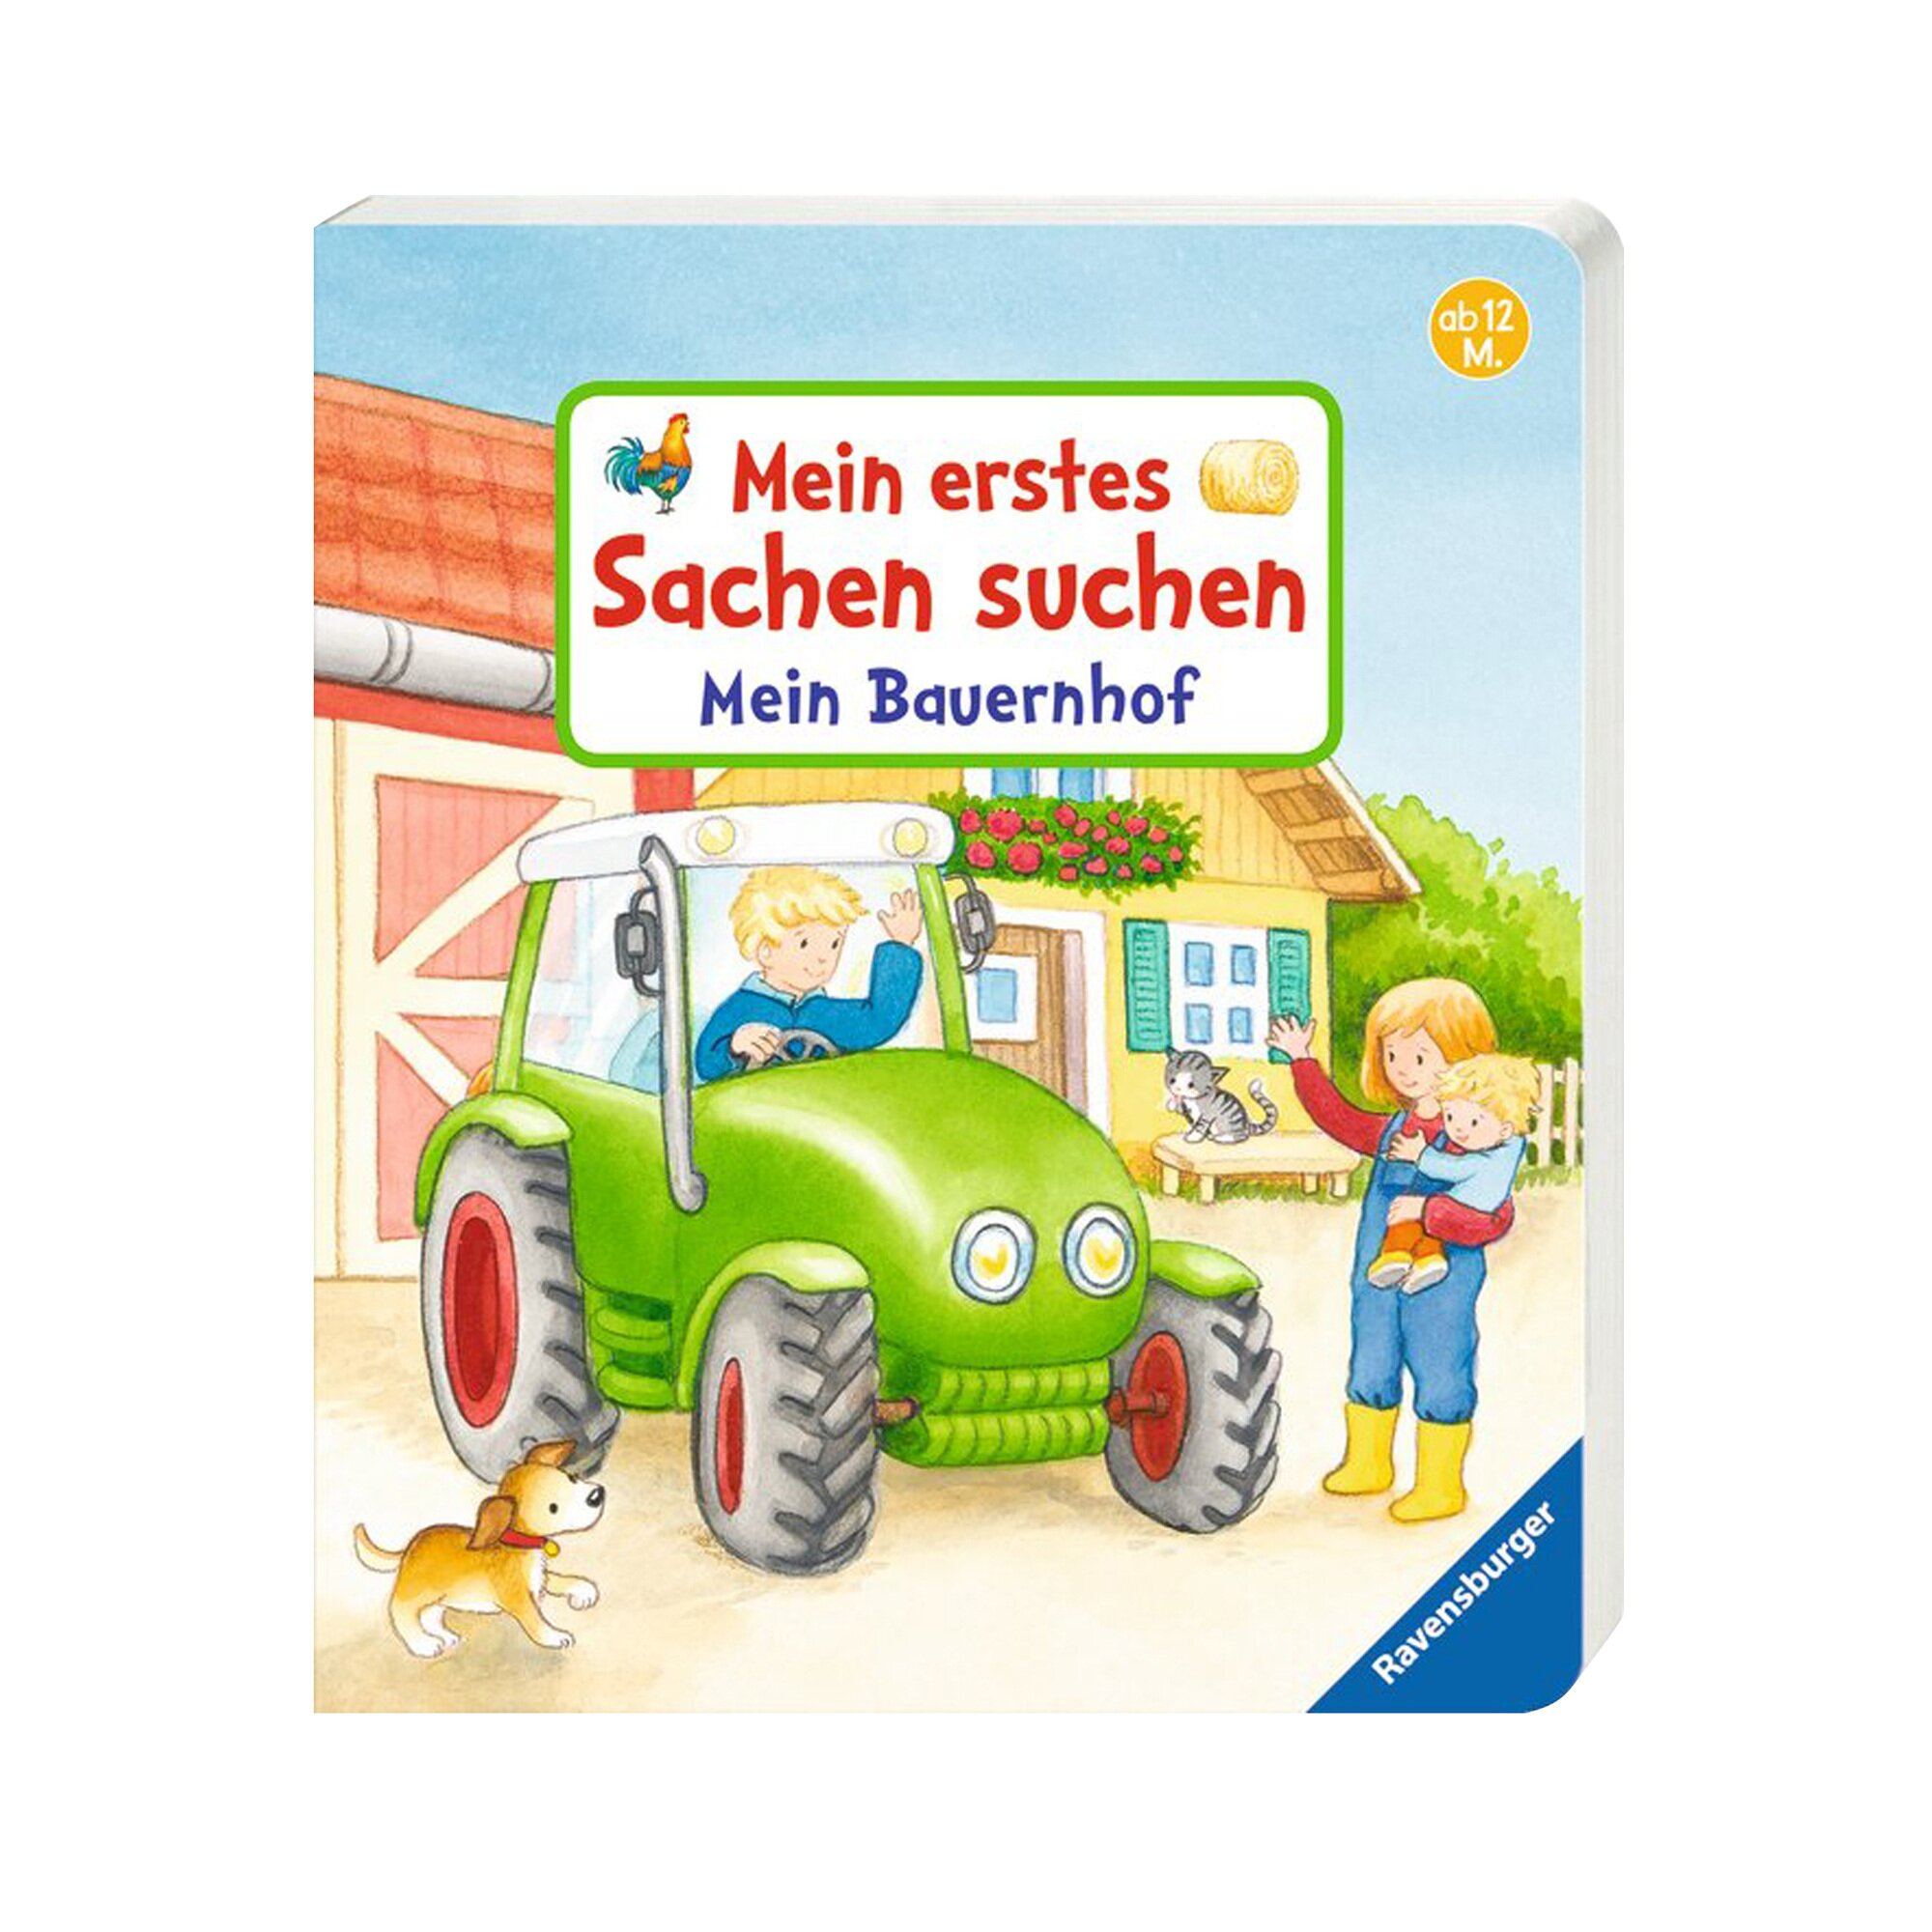 Pappbilderbücher Pappbilderbuch Mein erstes Sachen suchen: Mein Bauernhof